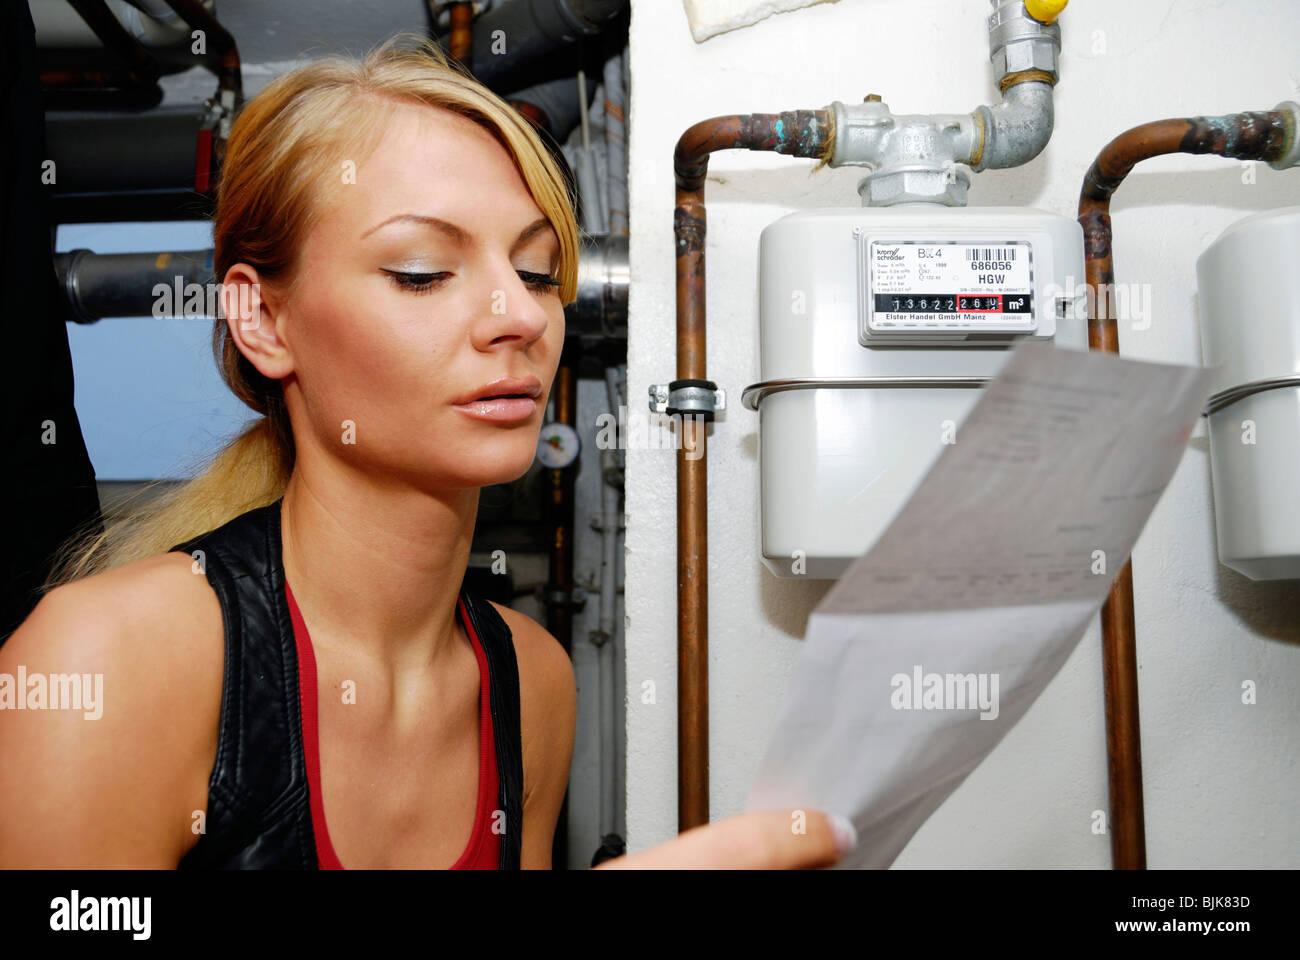 Junge Frau Mit Heizung Kosten Rechnung Am Gaszähler Stockfoto, Bild